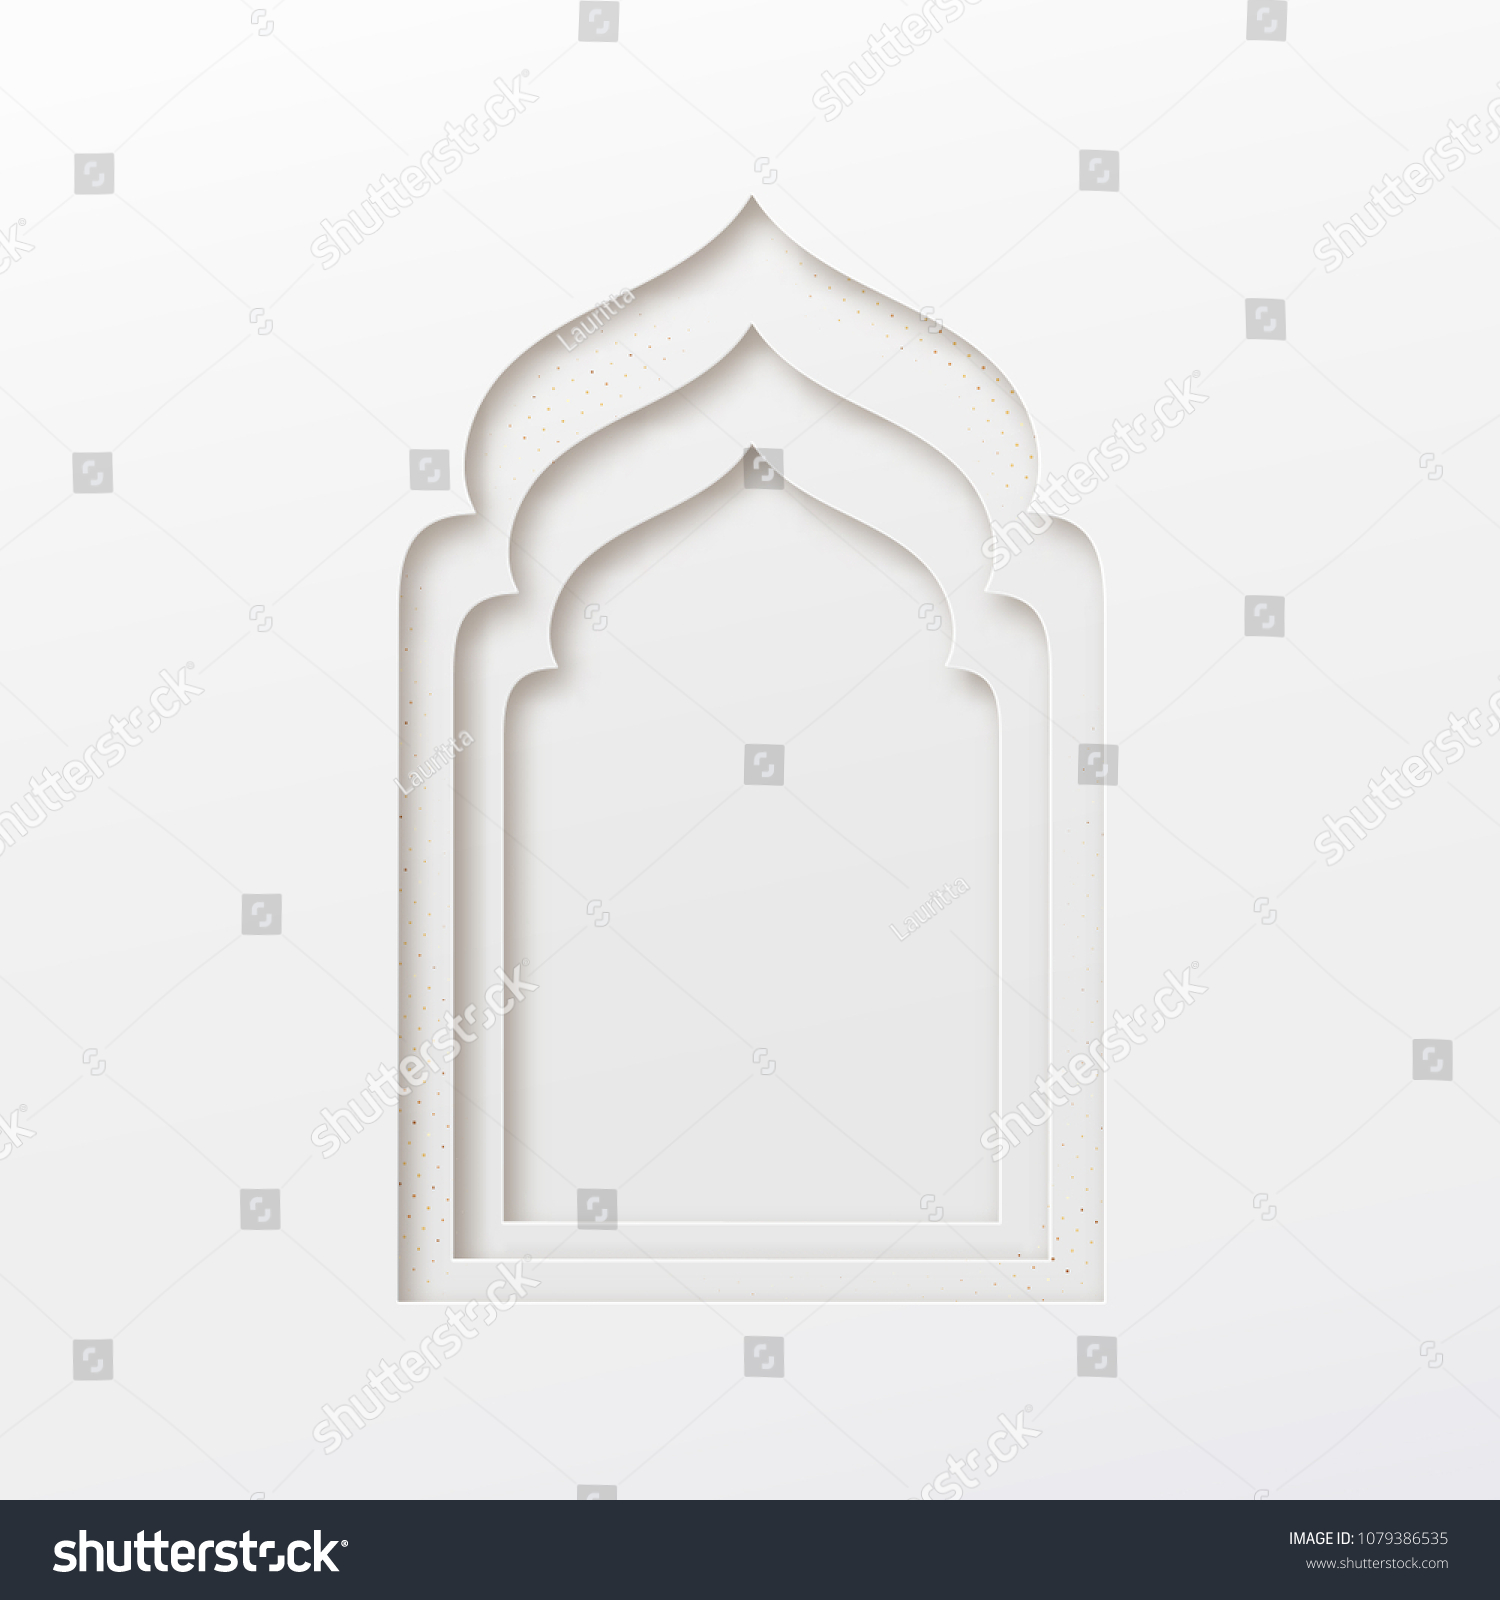 Arabic Window Design Ramadan Kareem Greeting | Royalty-Free ... on jerusalem window, jesus window, valentines day window, thank you window, fashion window, new year window,